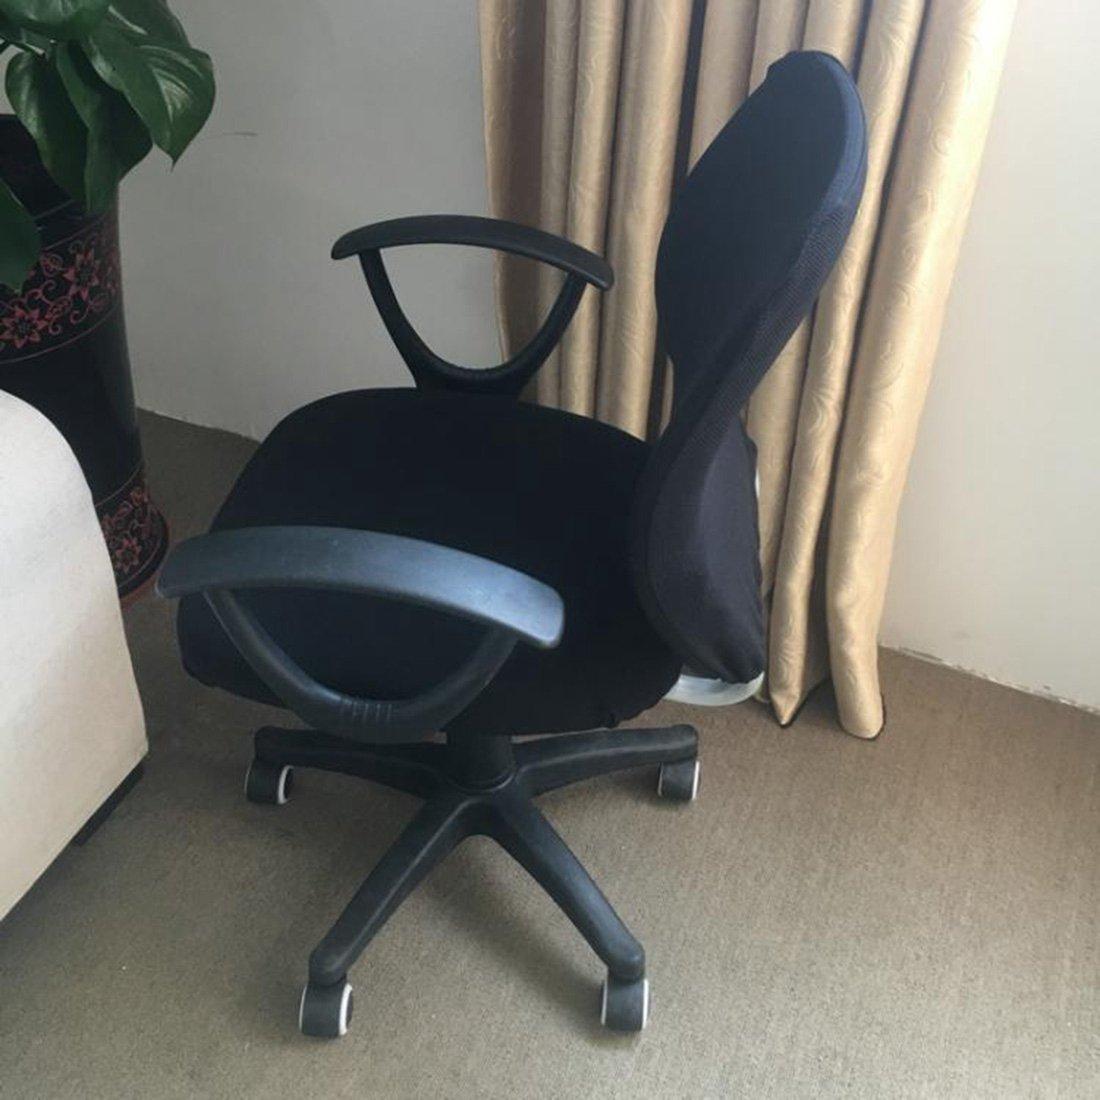 Pinji Housse pour chaise de bureau /élastique et amovible Taille unique Noir